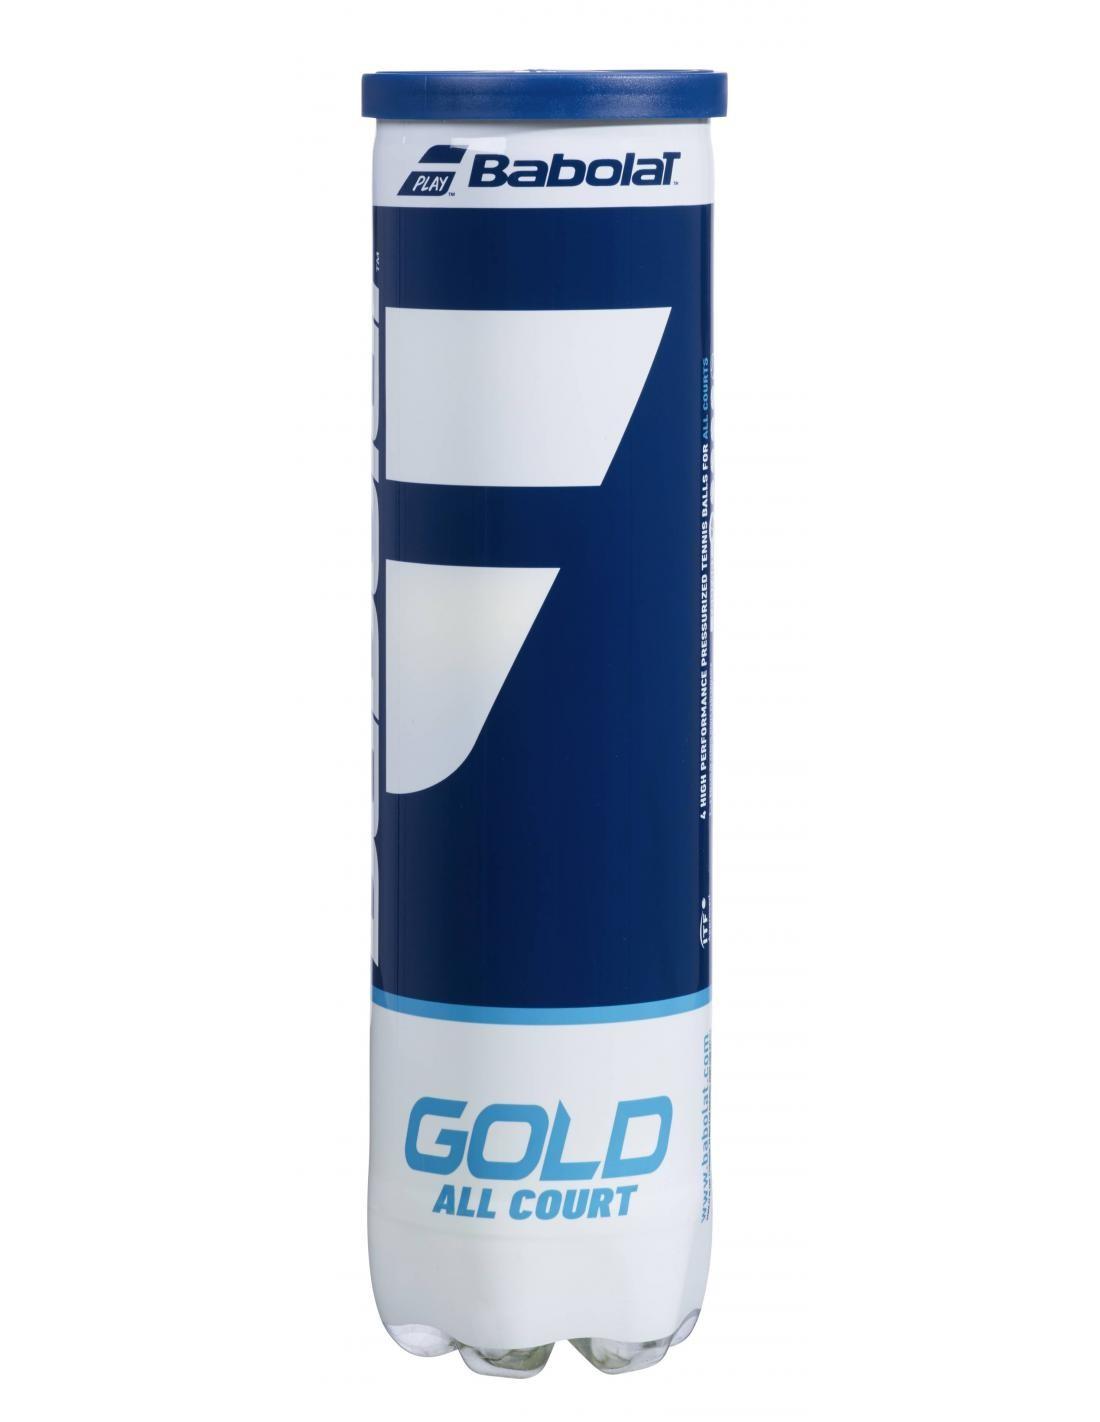 Piłki tenisowe Babolat Gold All Court 4szt